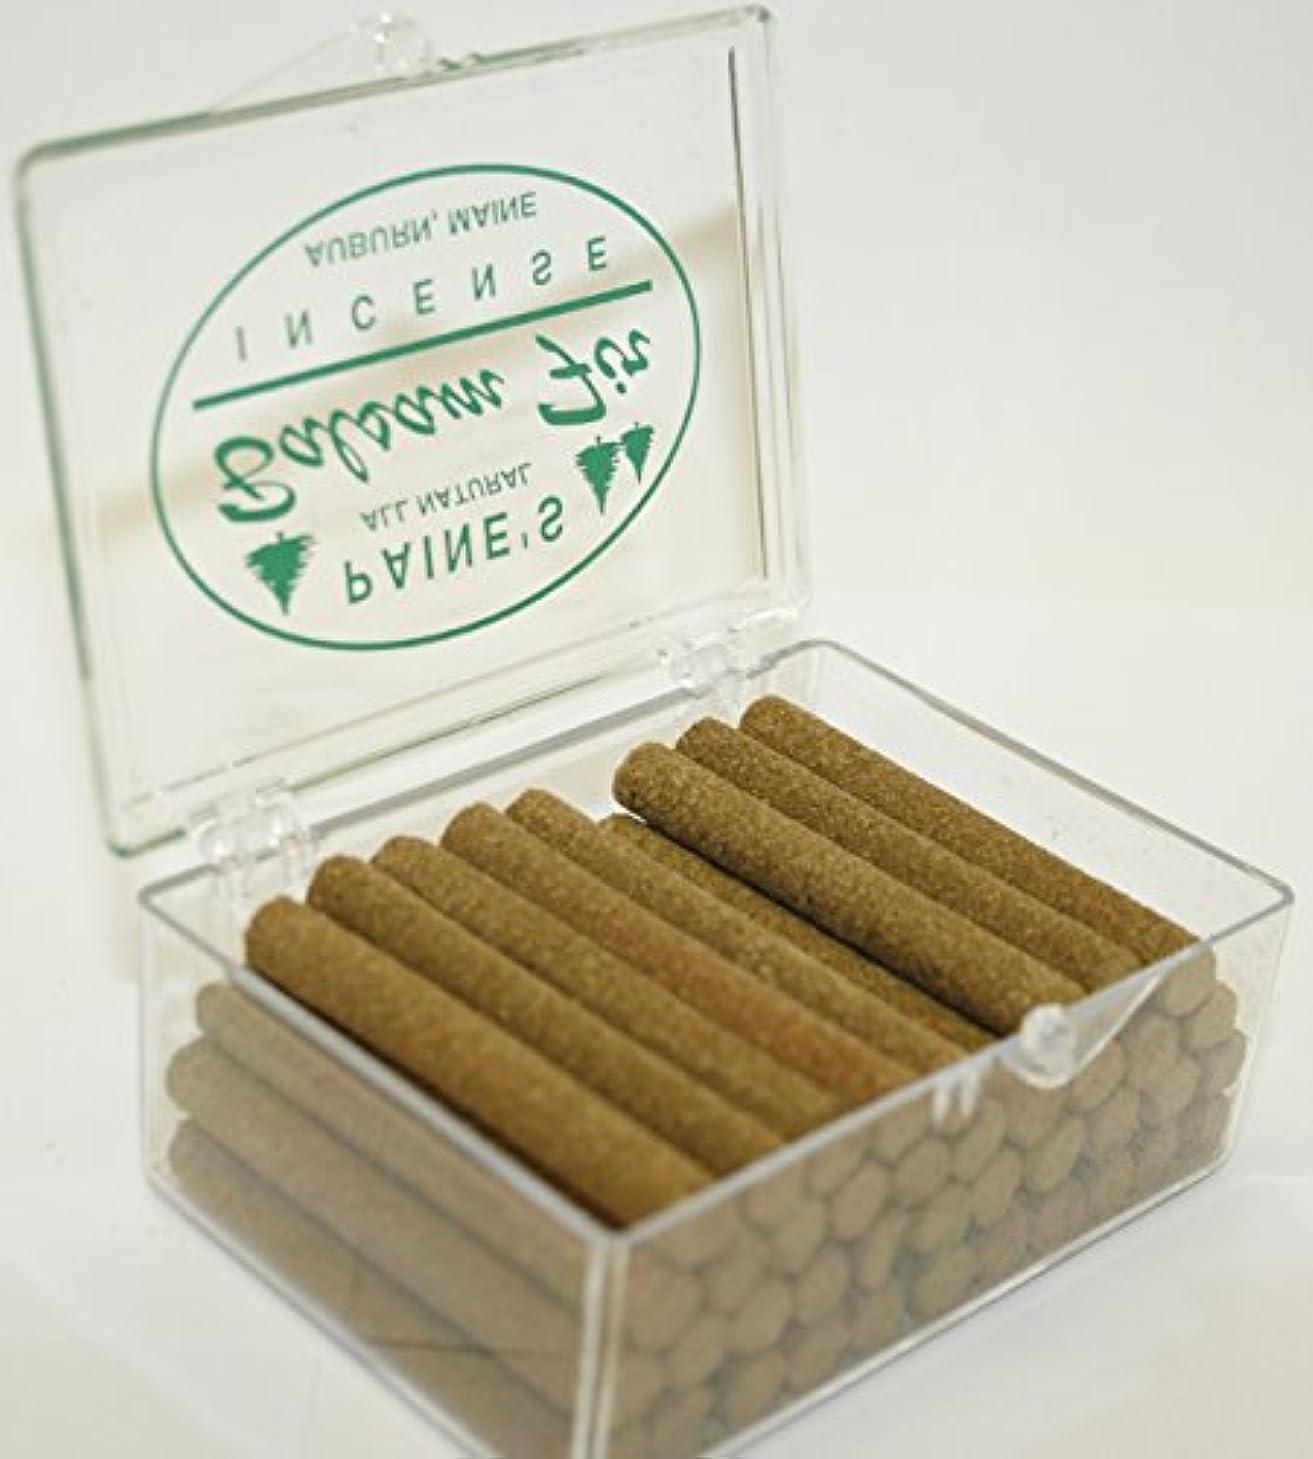 代数賞賛悪魔お香リフィル40 Balsam Fir Sticks to BurnロッジスタイルSachet香りつきパインログ